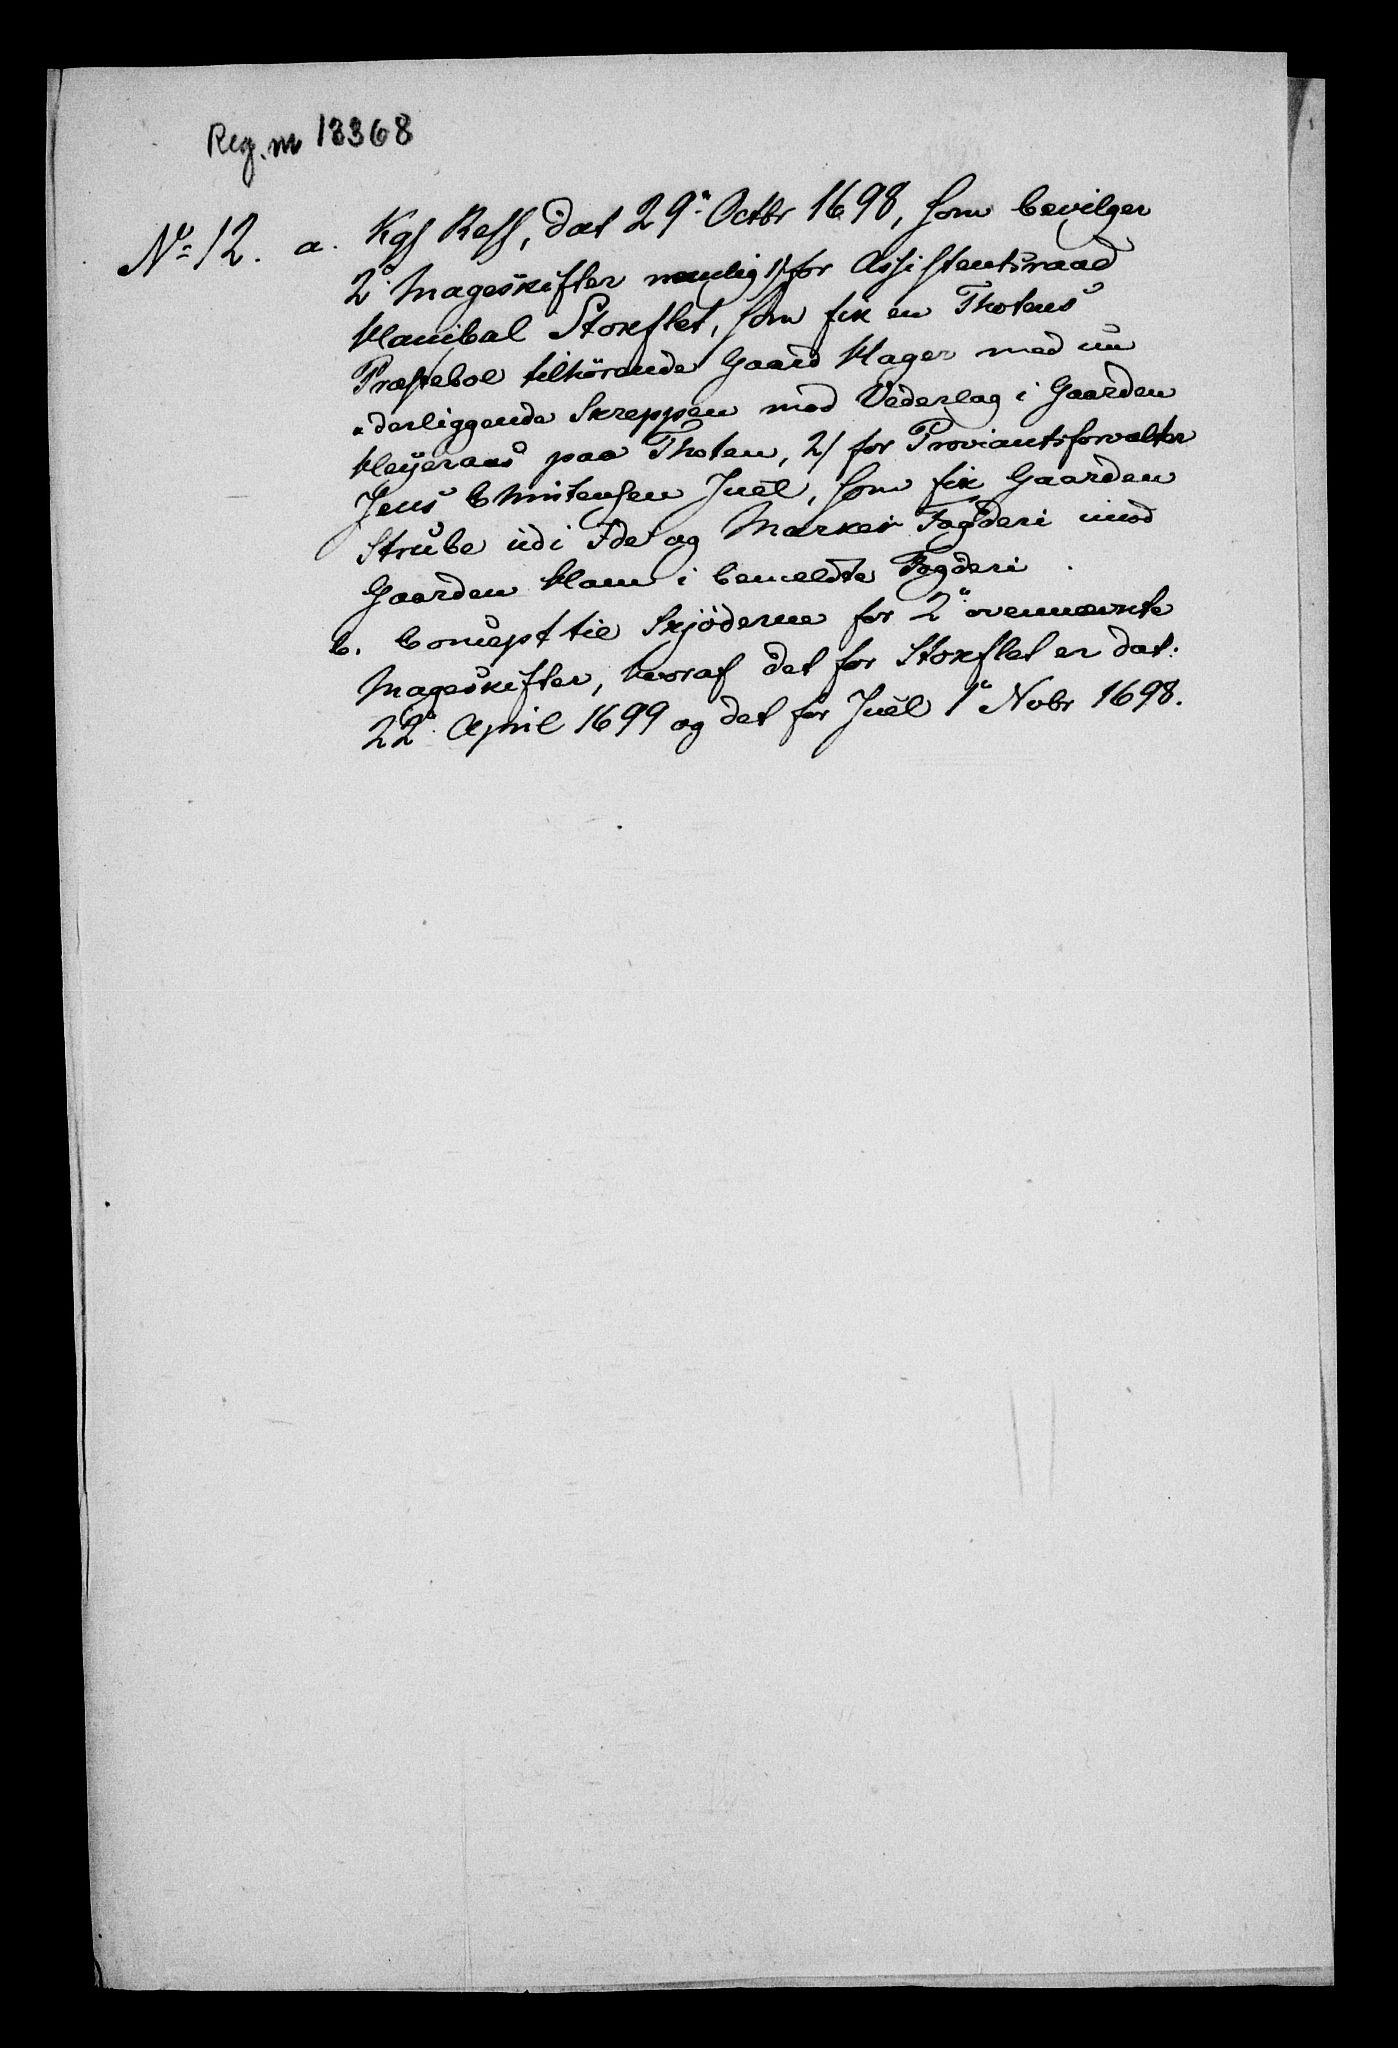 RA, Rentekammeret inntil 1814, Realistisk ordnet avdeling, On/L0013: [Jj 14]: Forskjellige dokumenter om krongodset i Norge, 1672-1722, s. 340